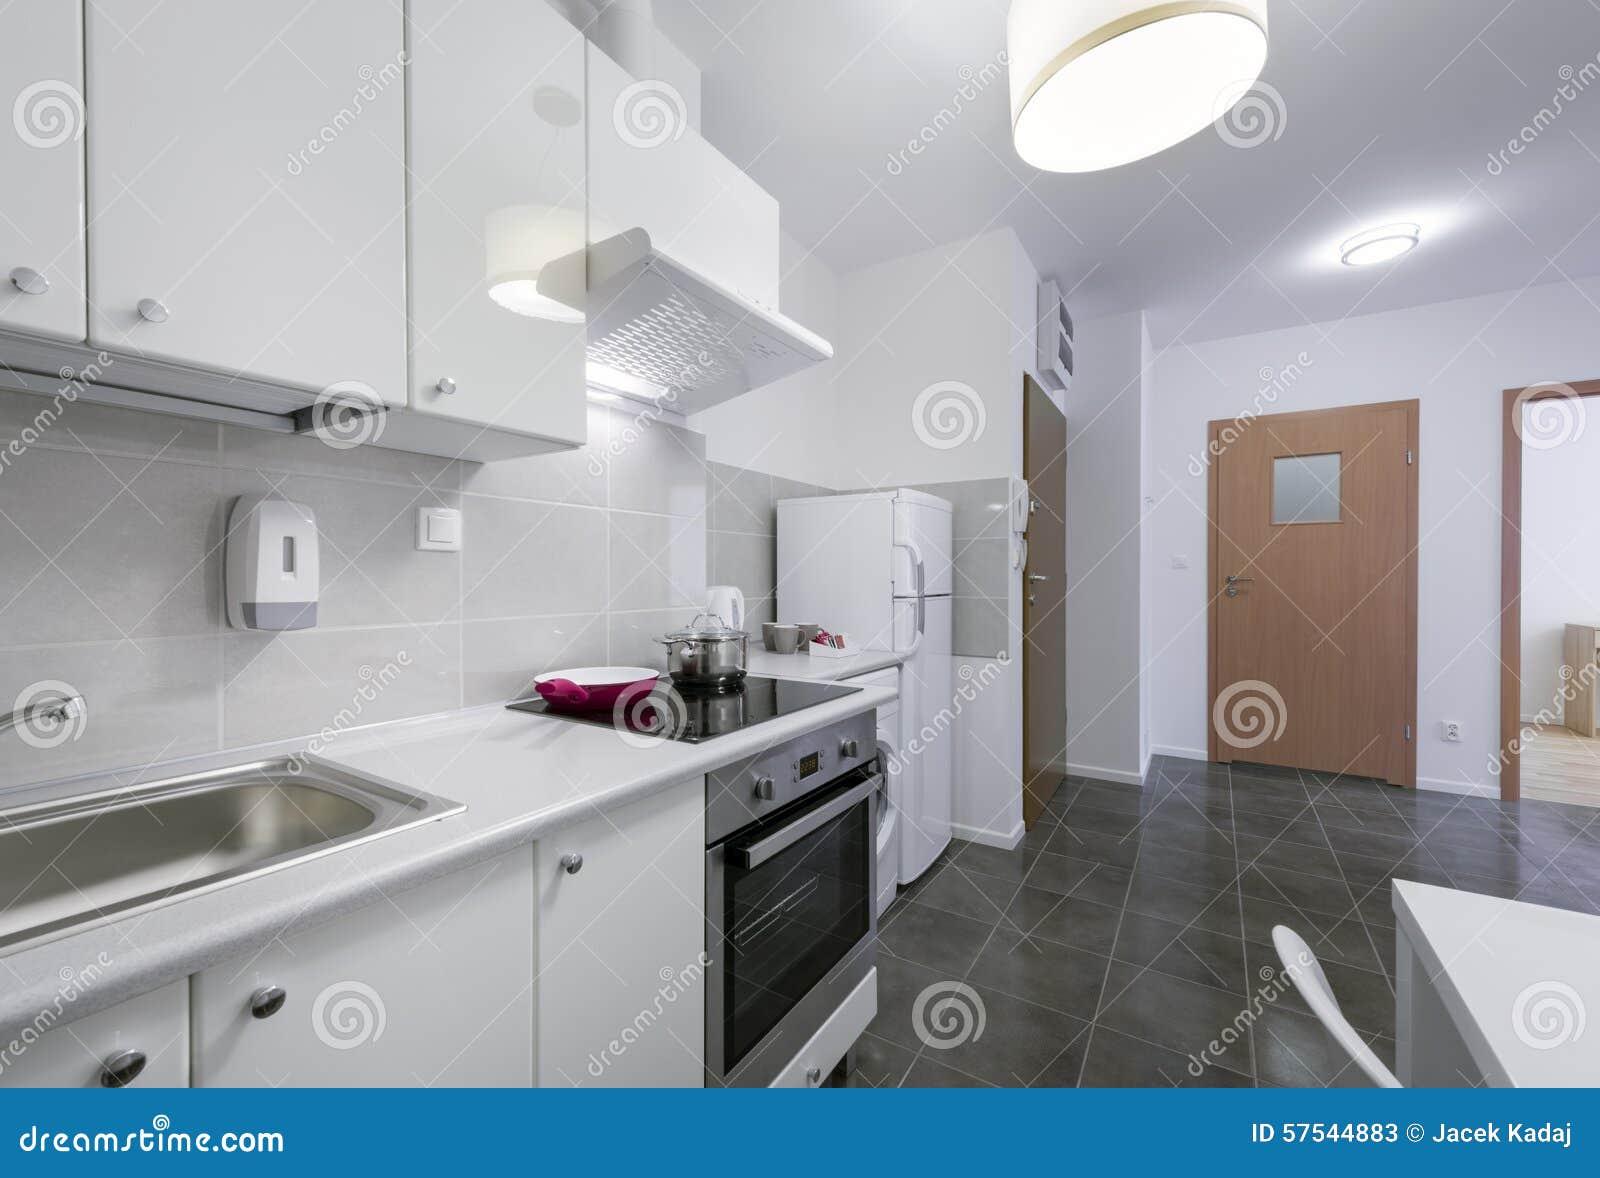 Diseño Interior De La Cocina Moderna Pequeña, Blanca Imagen de ...